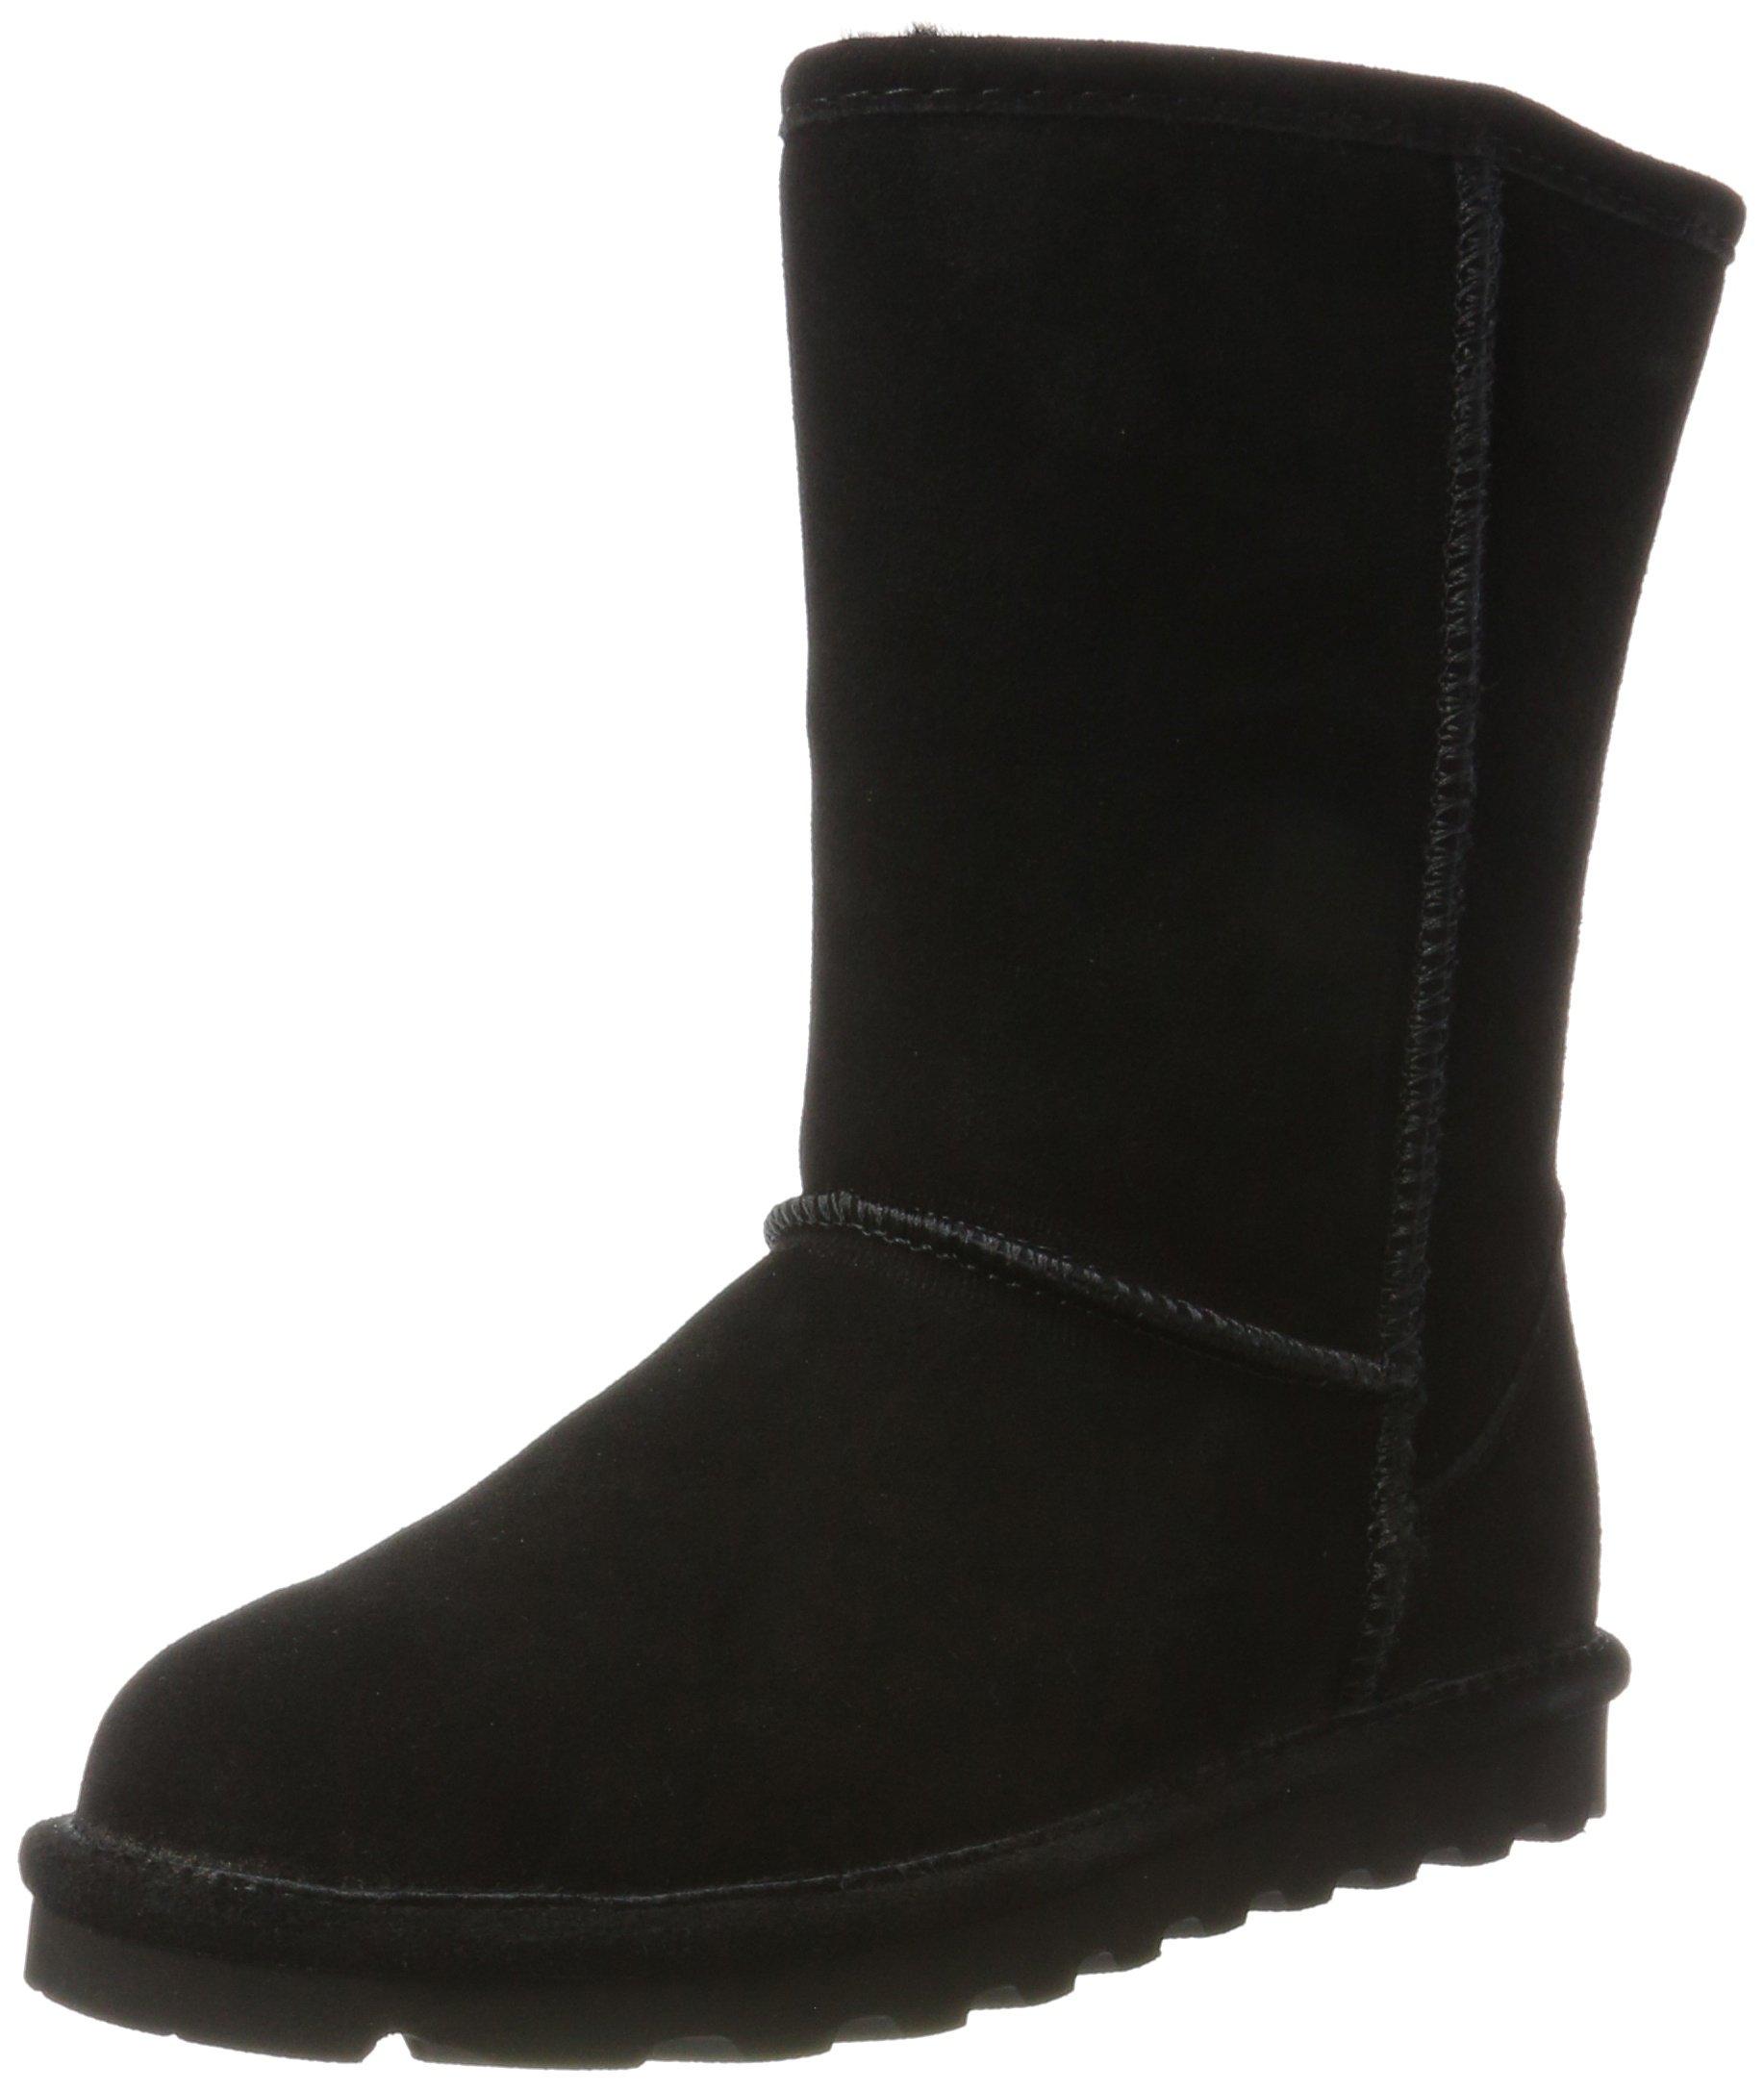 BEARPAW Women's ELLE Short Fashion Boot, Black ii, 7 M US